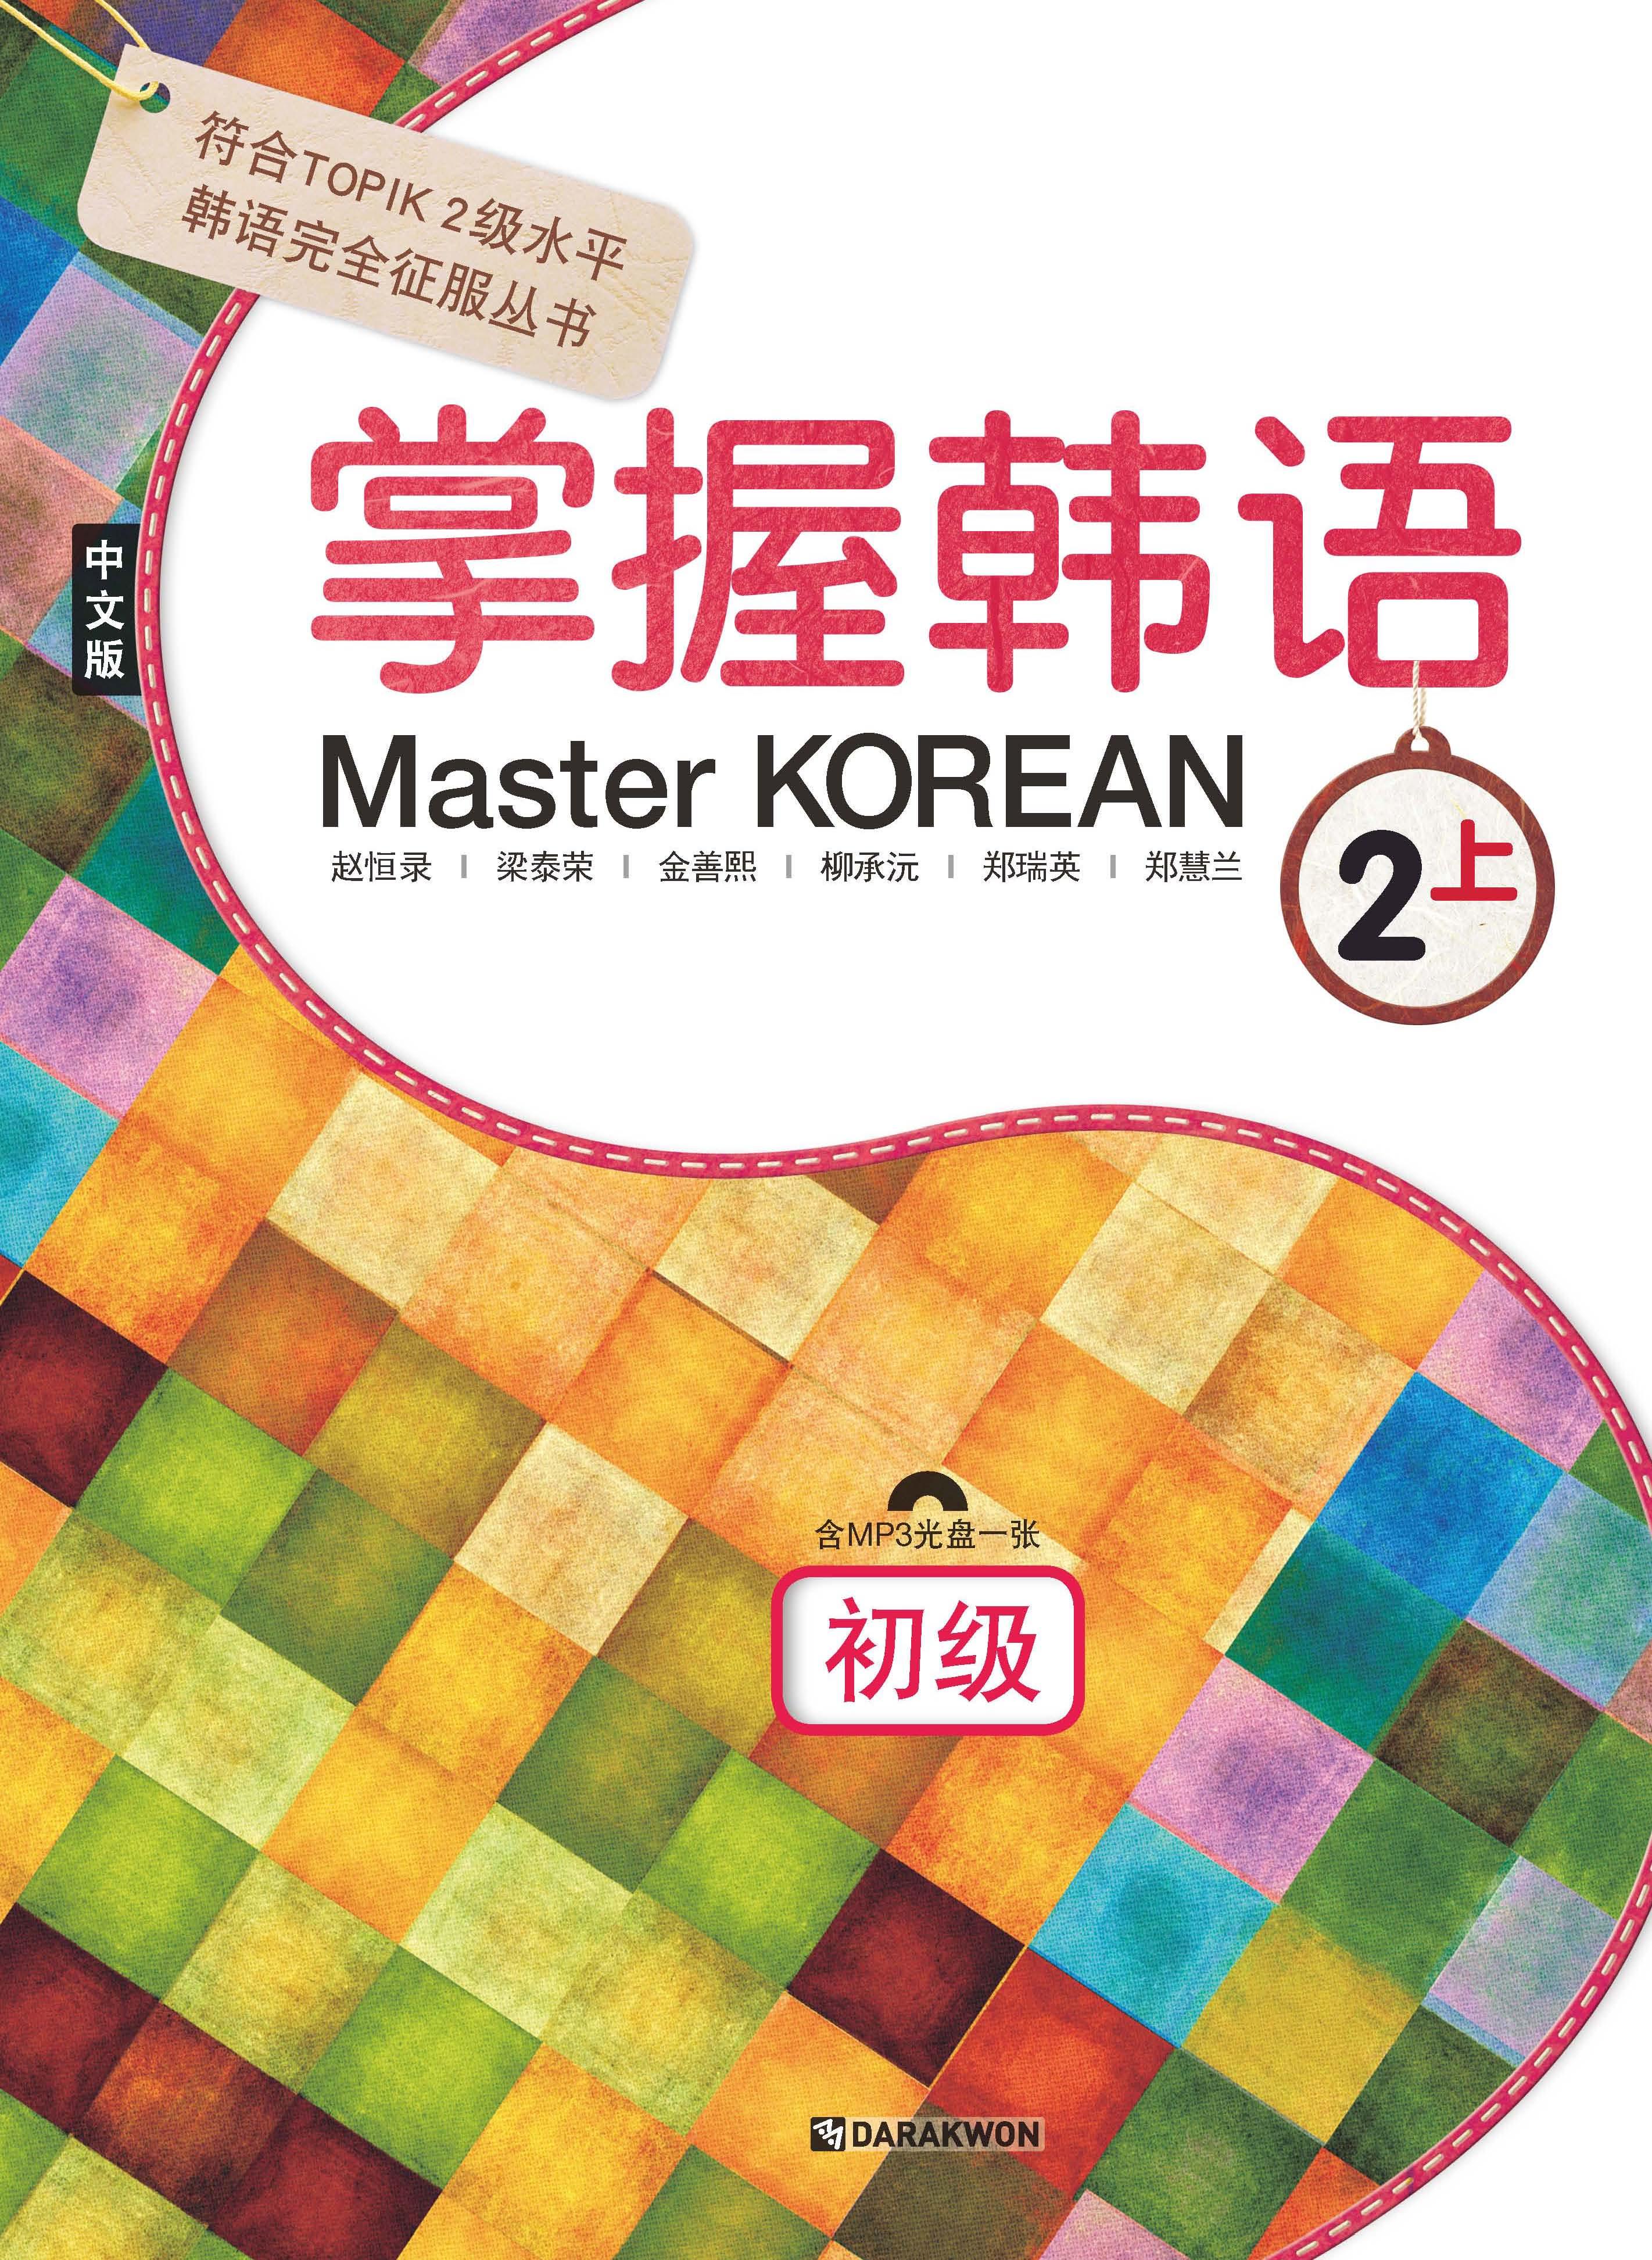 [Master KOREAN] Master KOREAN 2 上 초급|掌握韓語 : 中文版